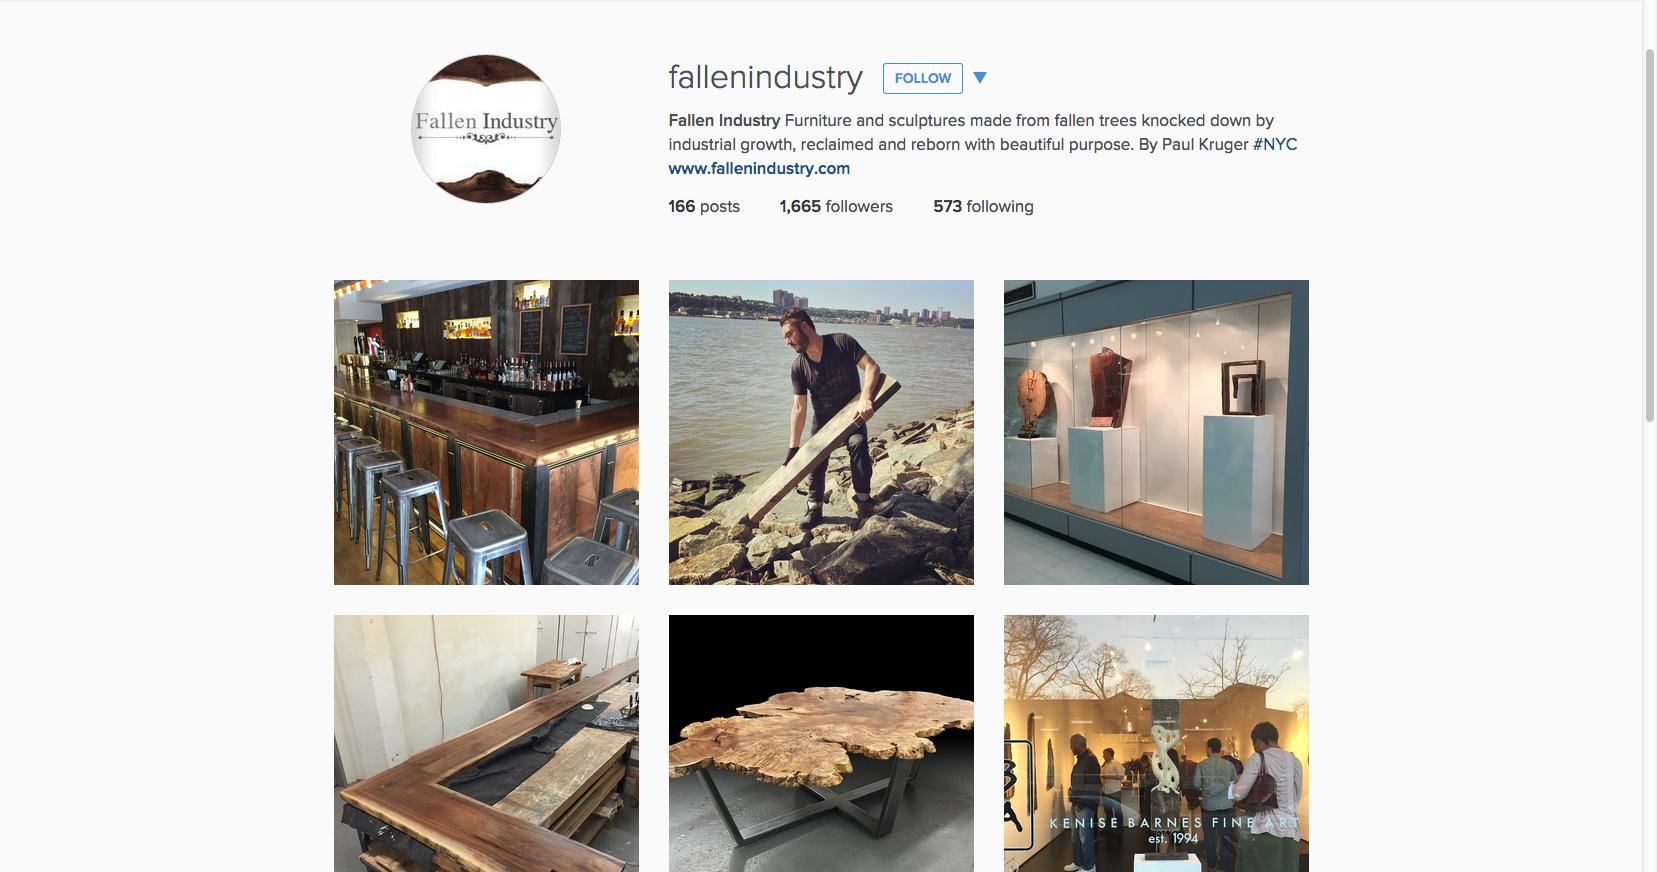 Fallen Industry Instagram